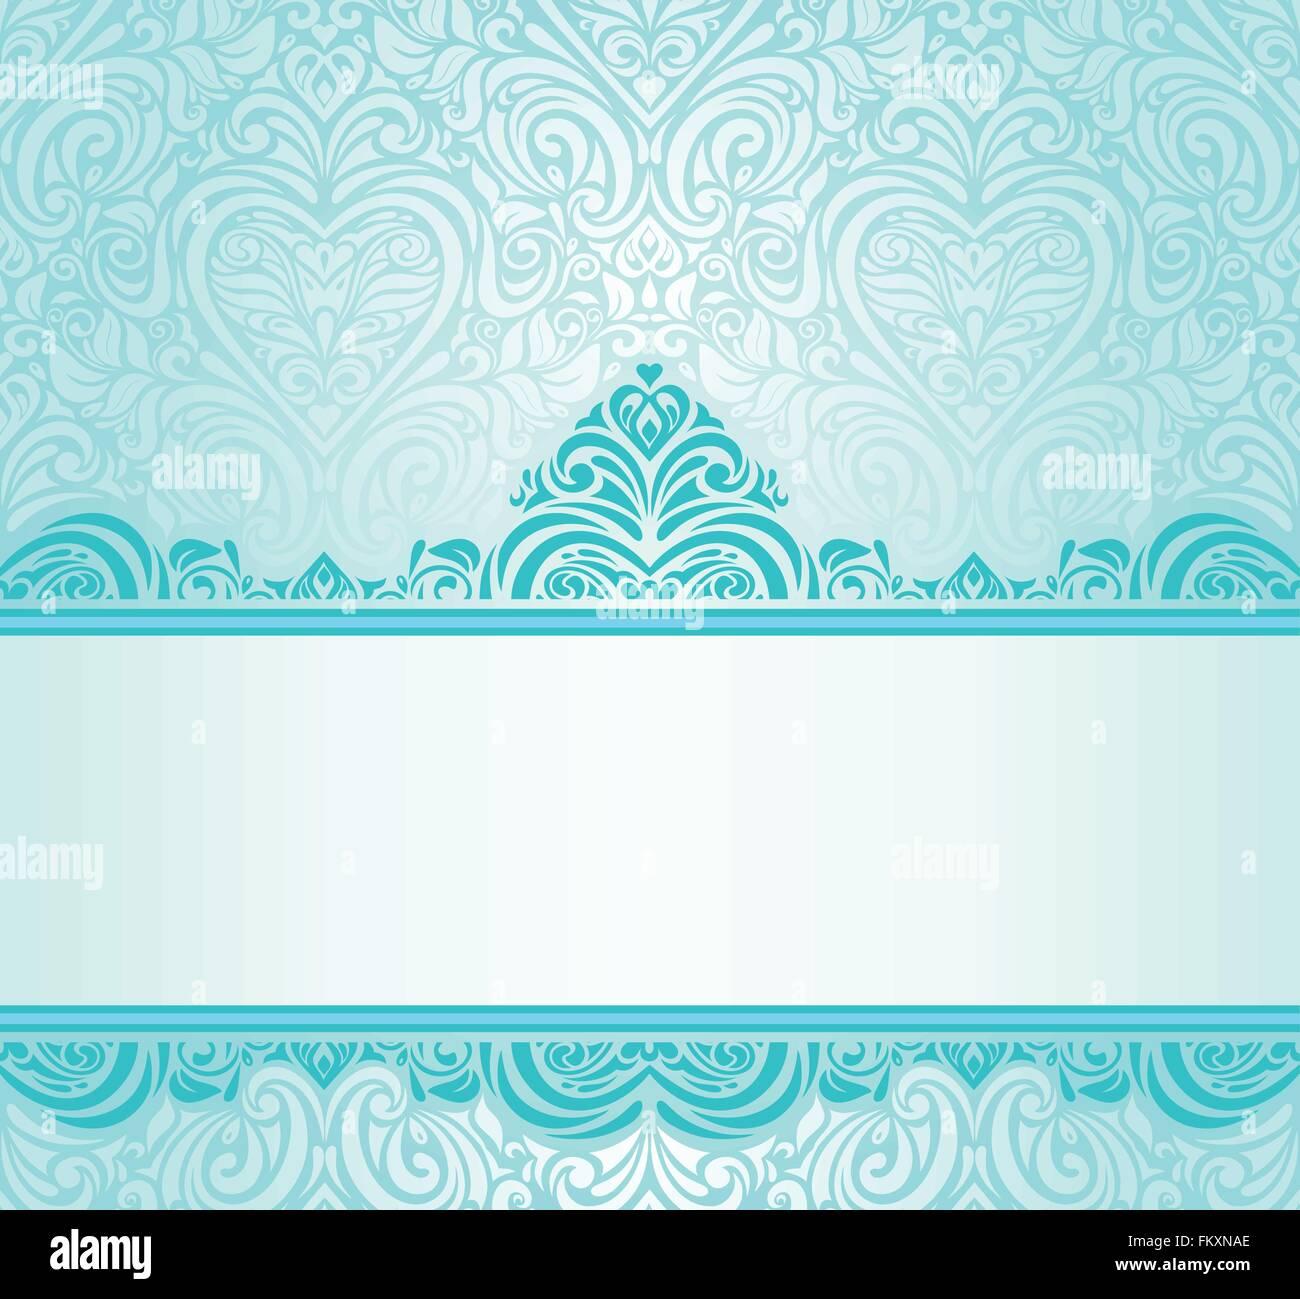 Hochzeit Vintage Turkis Einladung Design Mit Blau Grunen Ornamenten